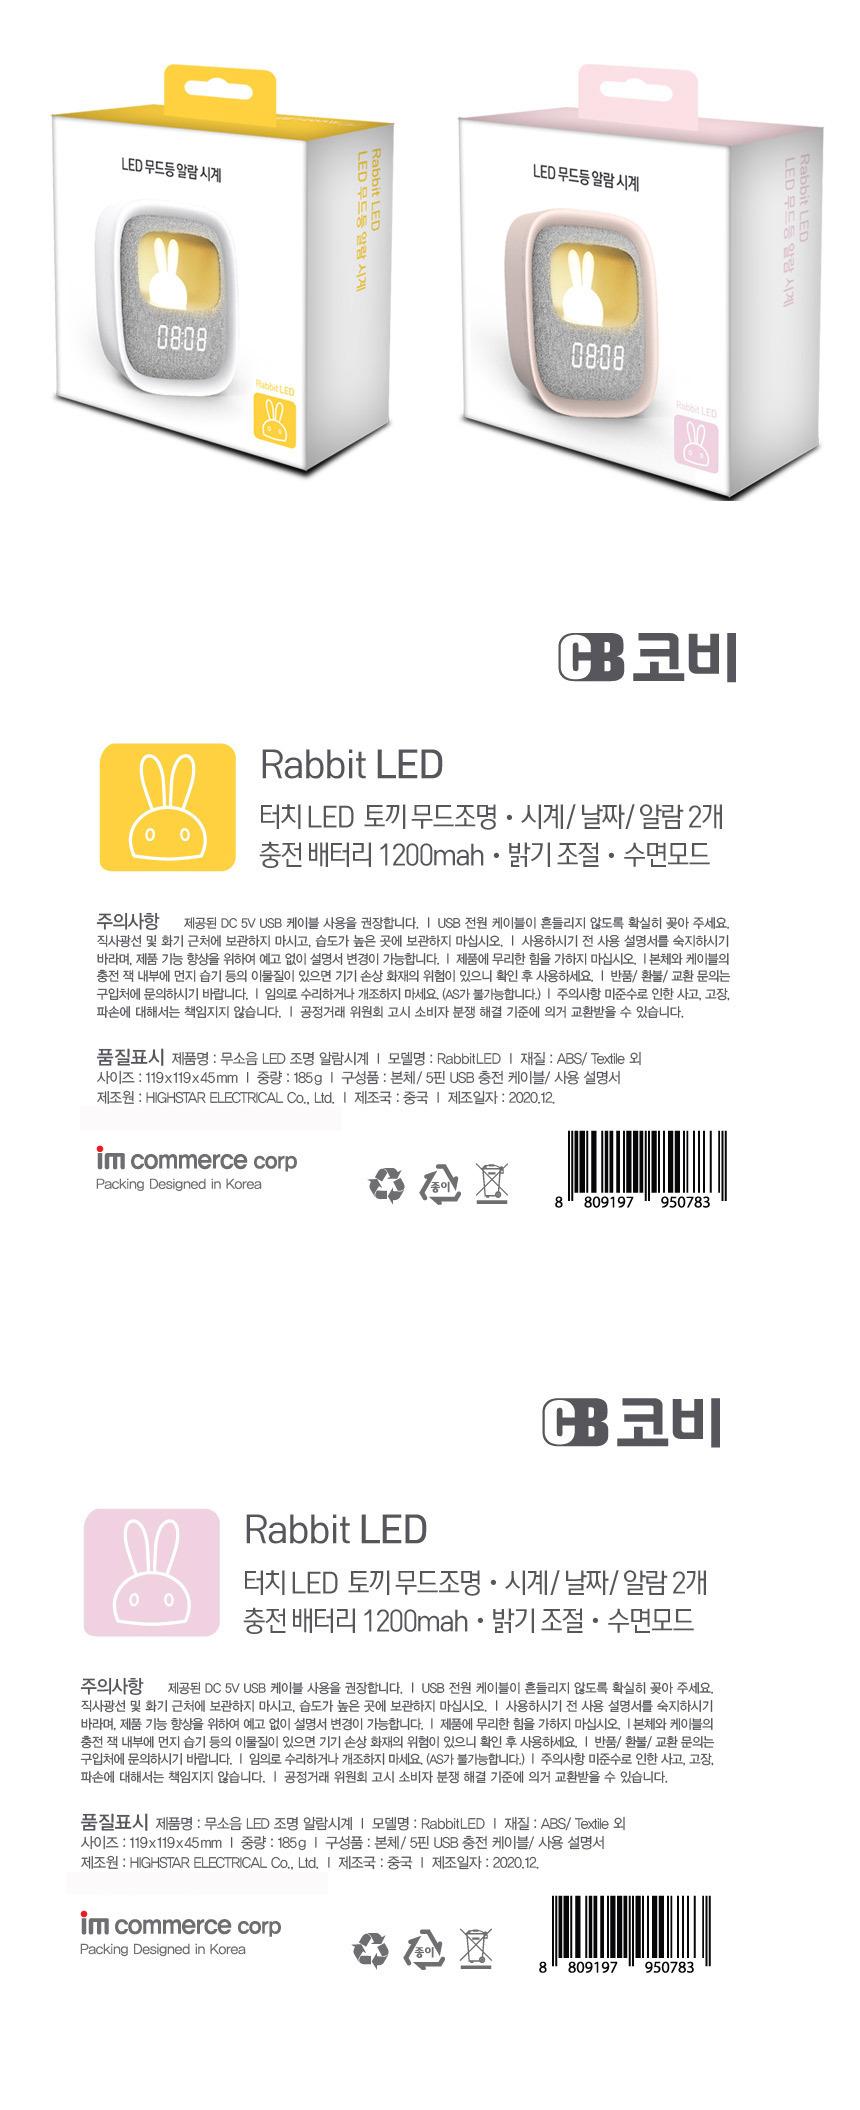 RabbitLED_s.jpg